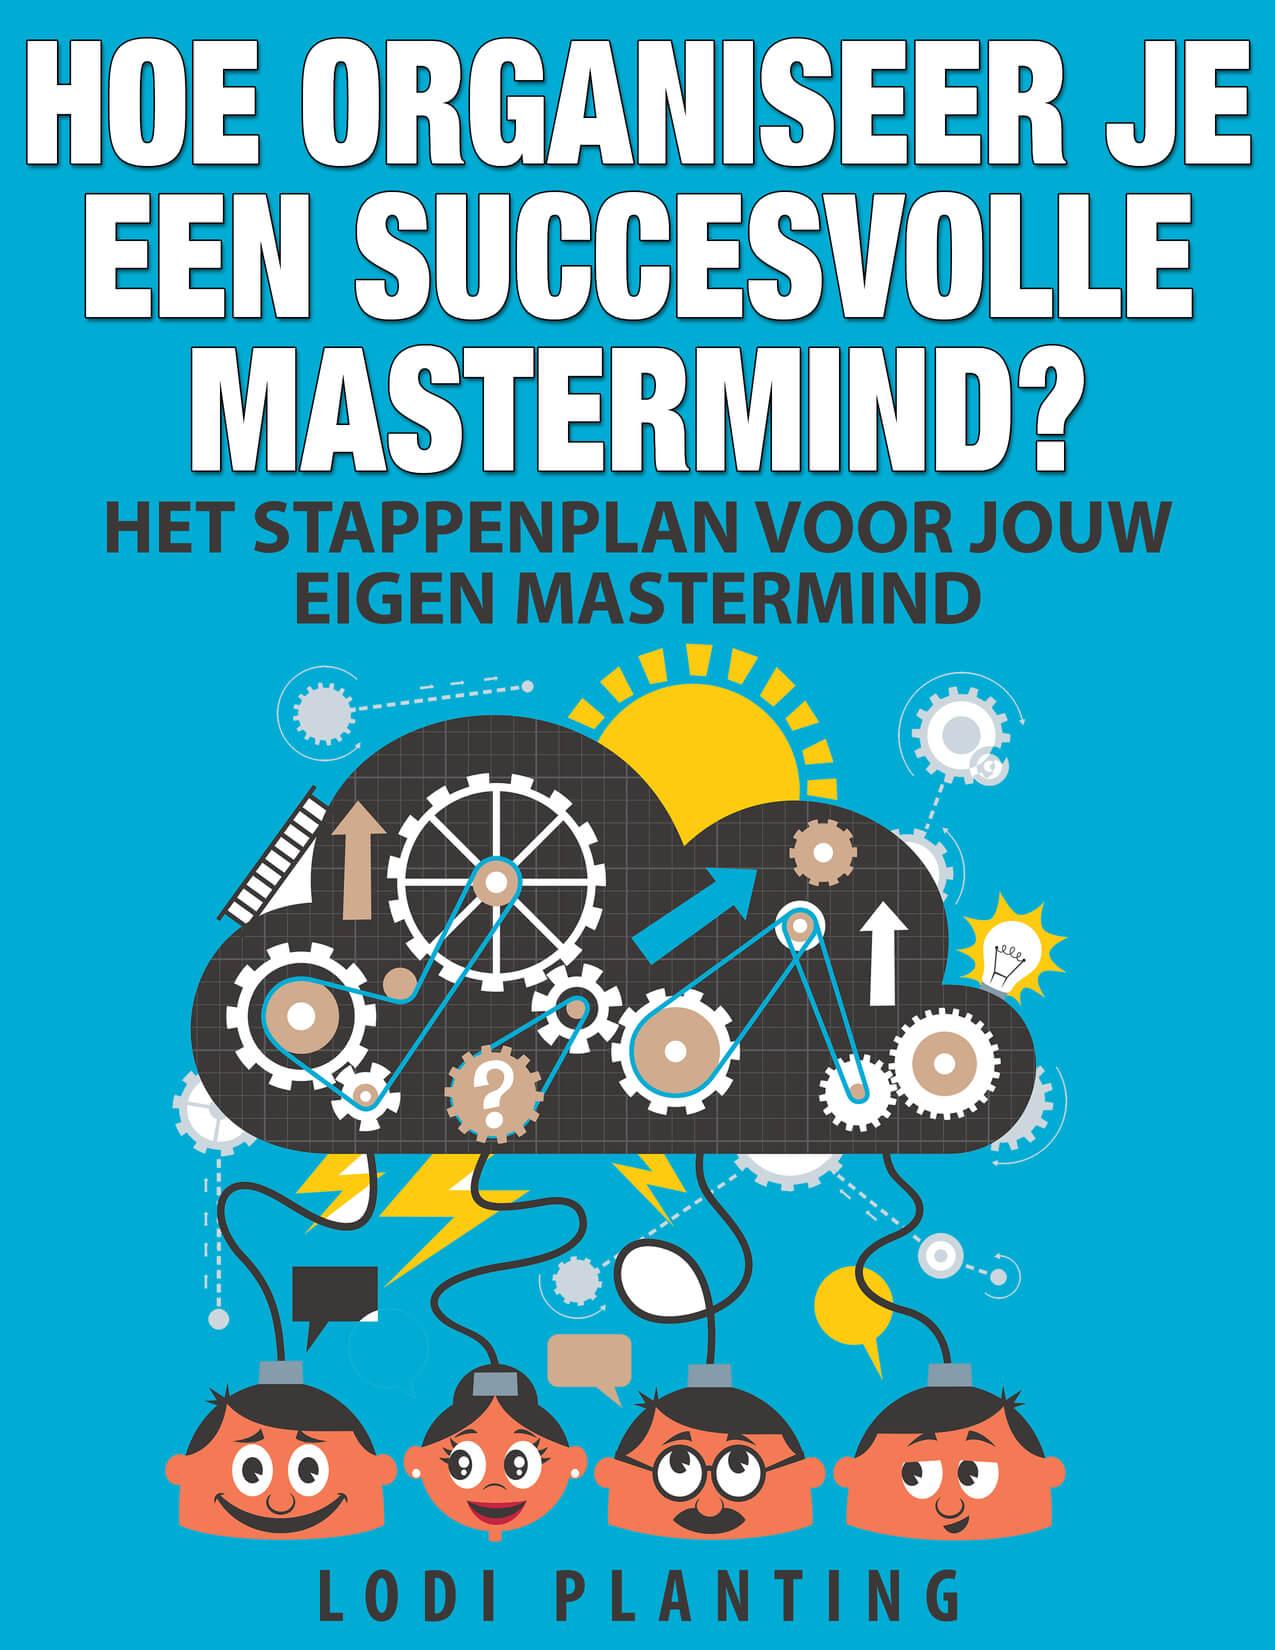 Download het e-boek: Hoe organiseer je een succesvolle Mastermind?